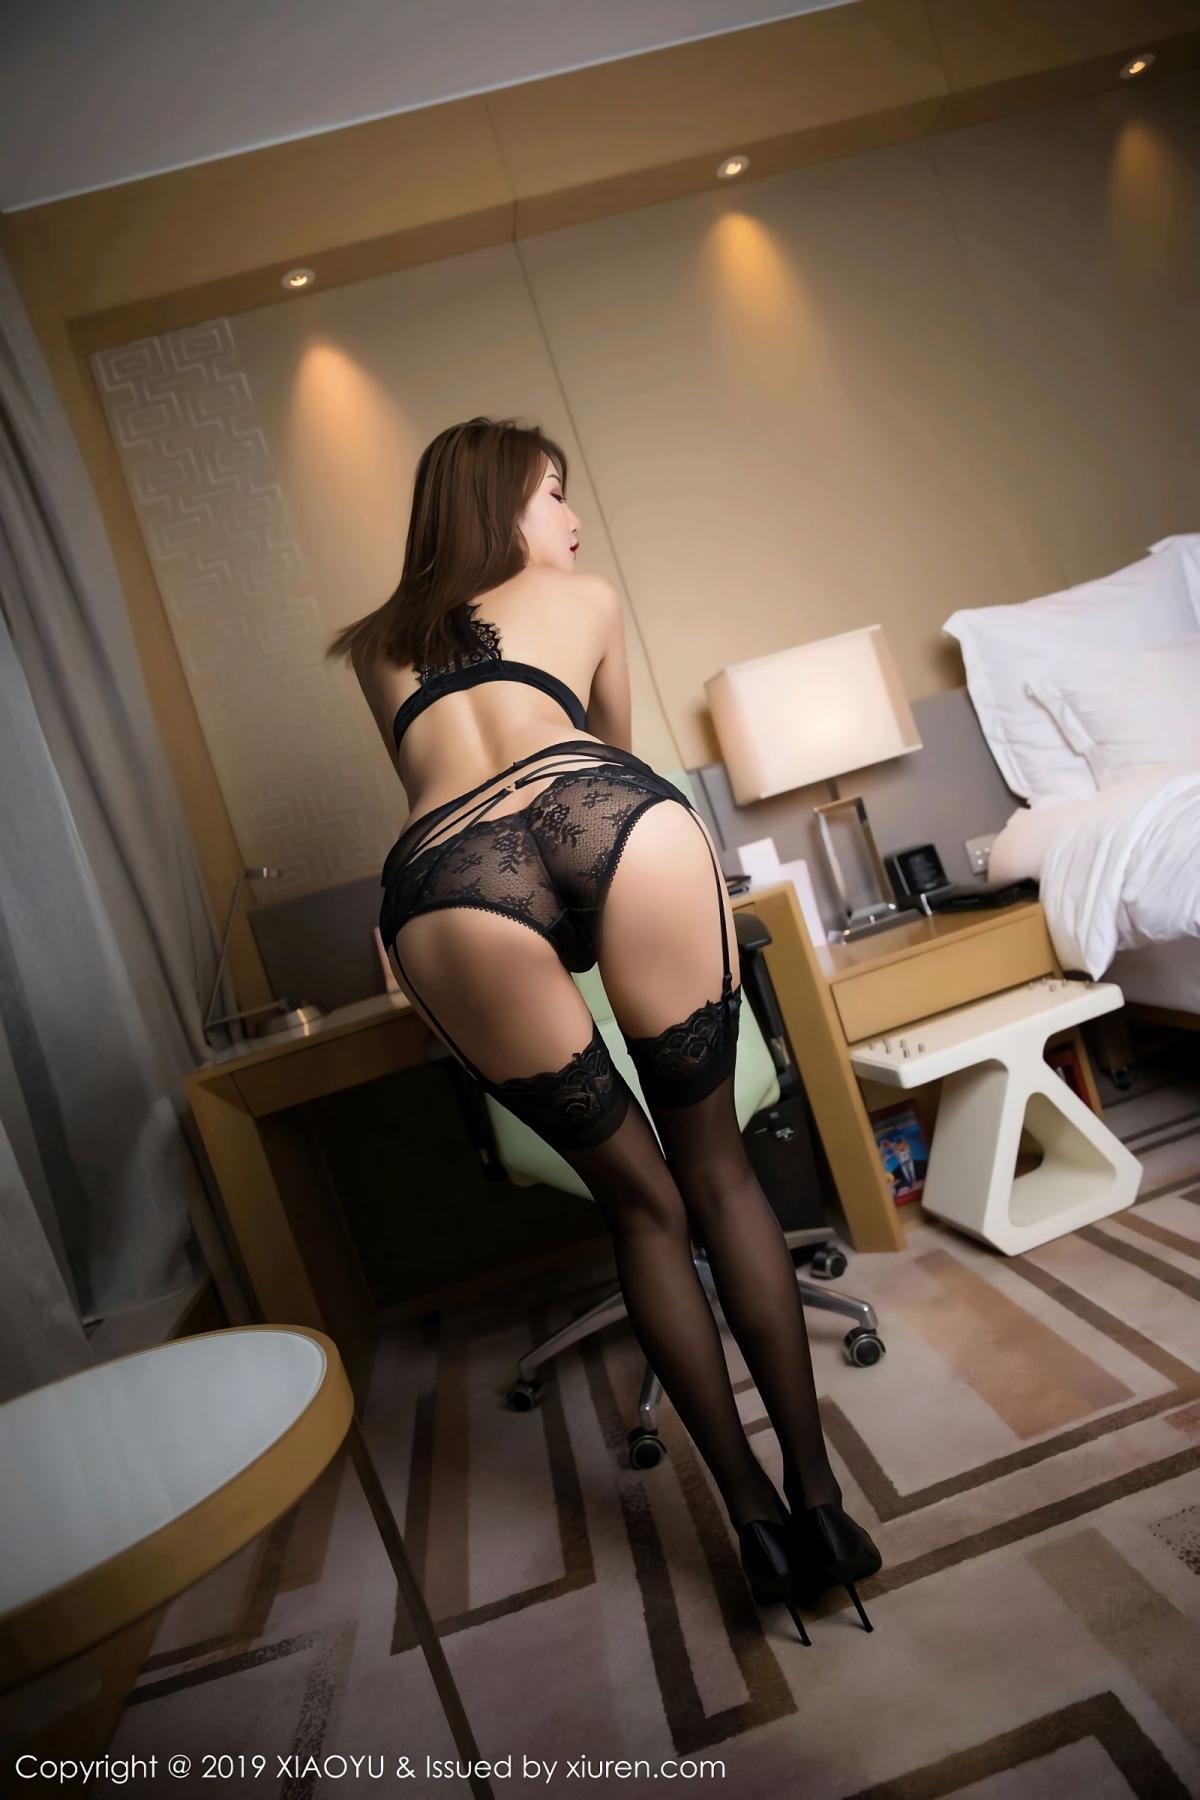 [XiaoYu] Vol.037 Miko Jiang 2P, Miko Jiang, Slim, Tall, Underwear, XiaoYu